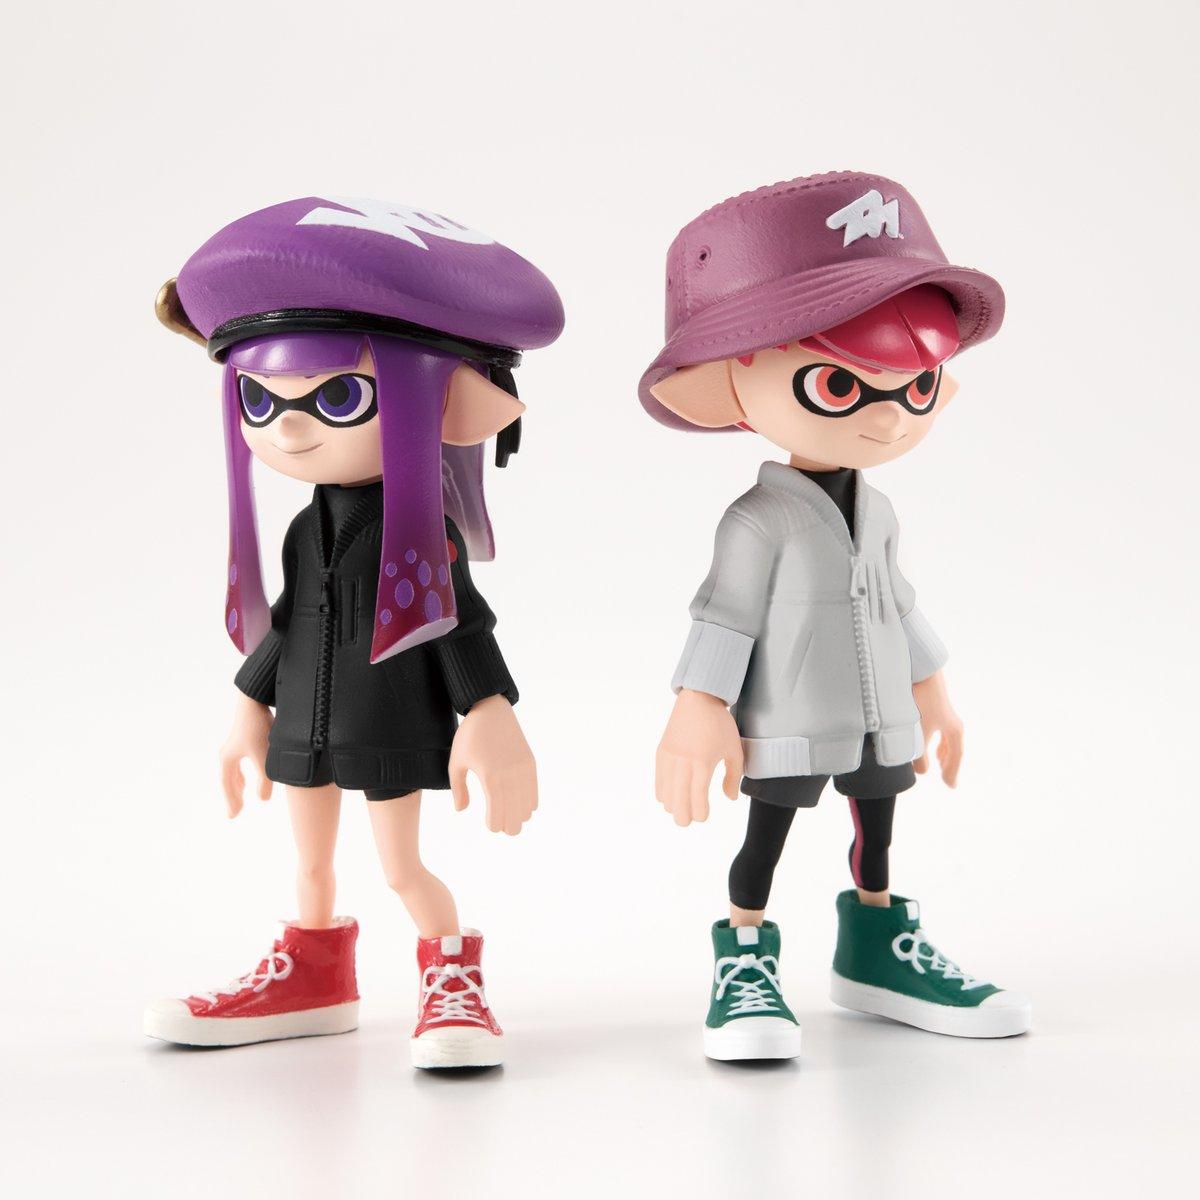 *B3683-3 Bandai Splatoon 2 Dress up Gear Collection Figure 3 Boy Set